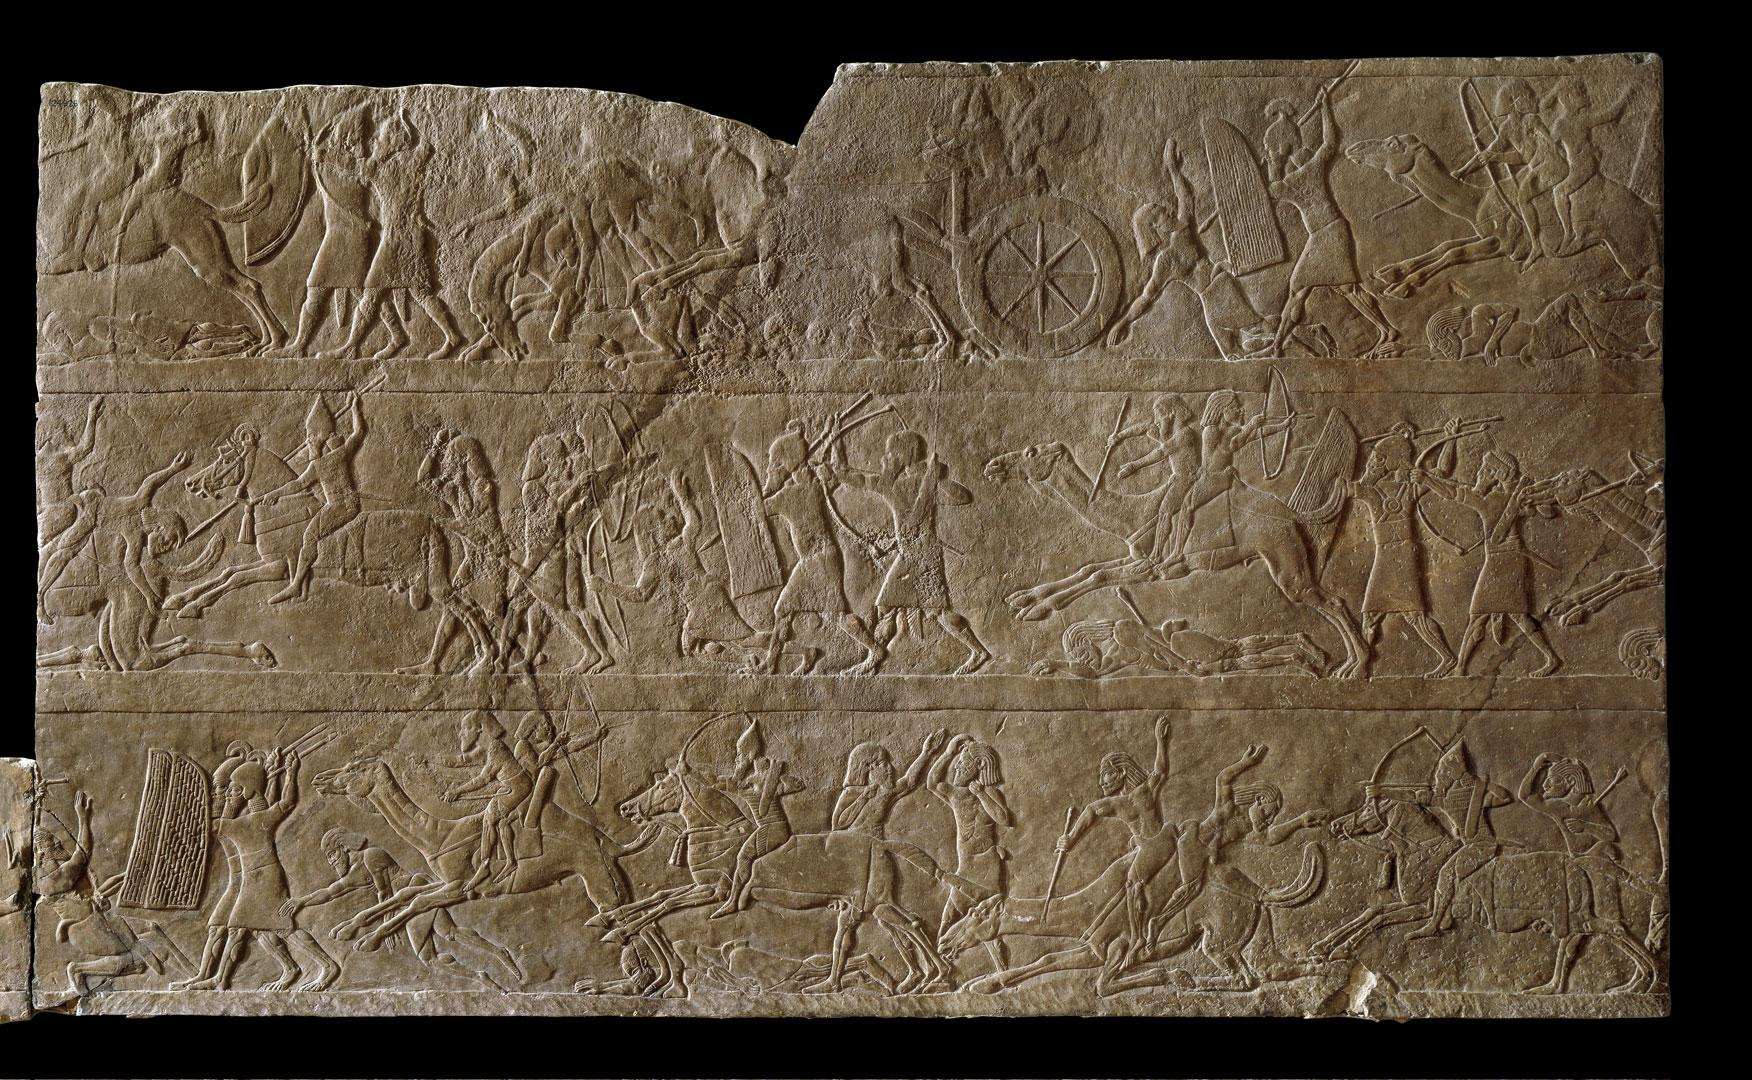 Настенный рельеф с изображением ассирийских солдат, преследующих арабское войско на верблюдах